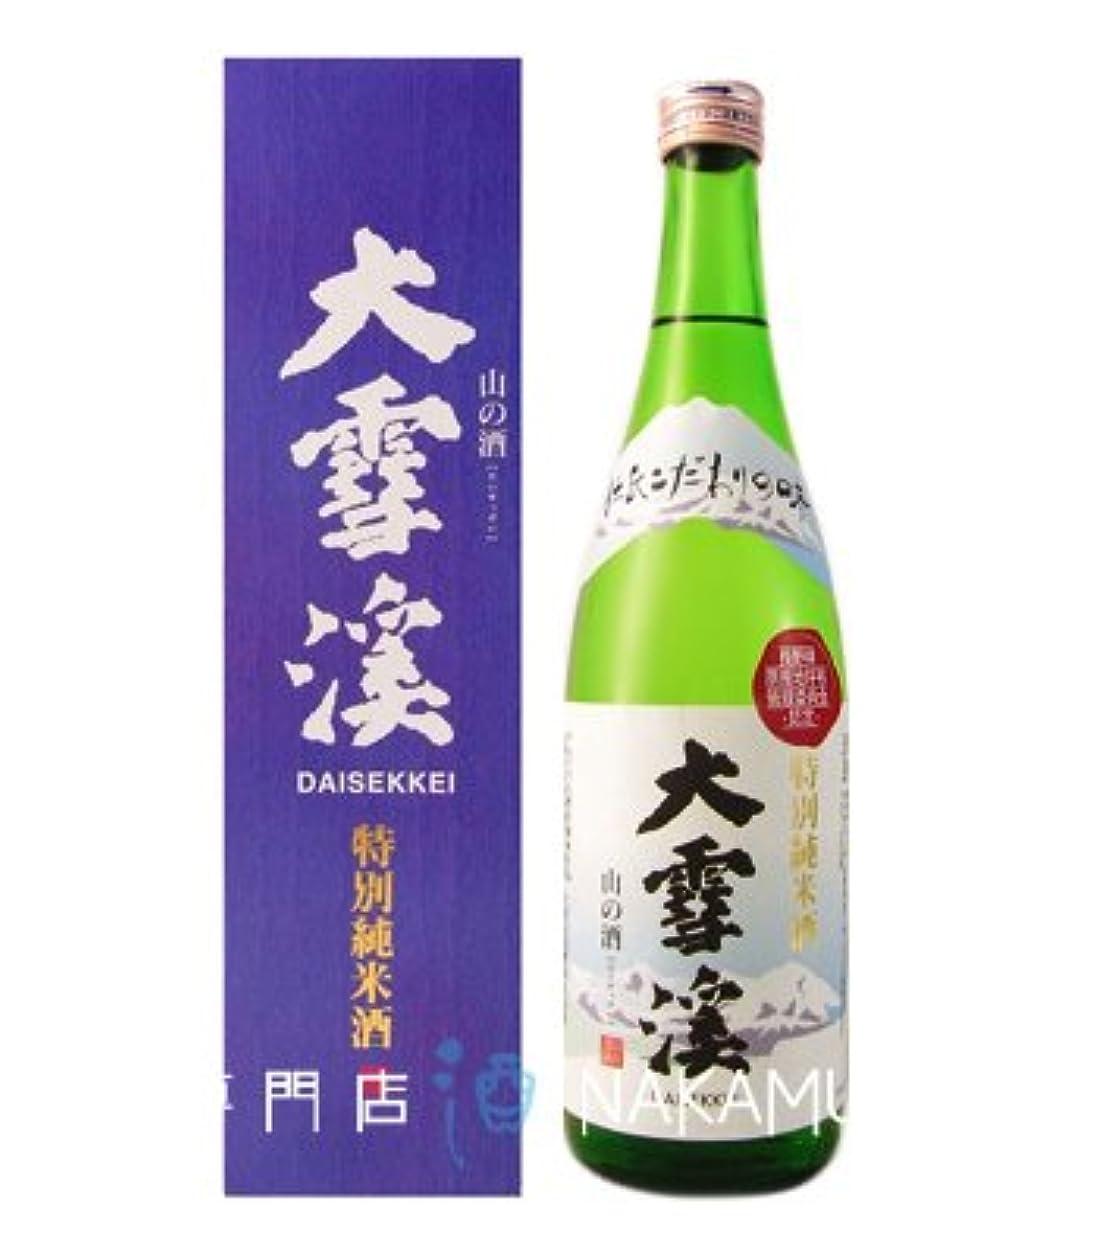 差別豊富なたまに大雪渓 特別純米酒 720ml 箱入り 大雪渓酒造 長野県 安曇野 地酒 日本酒